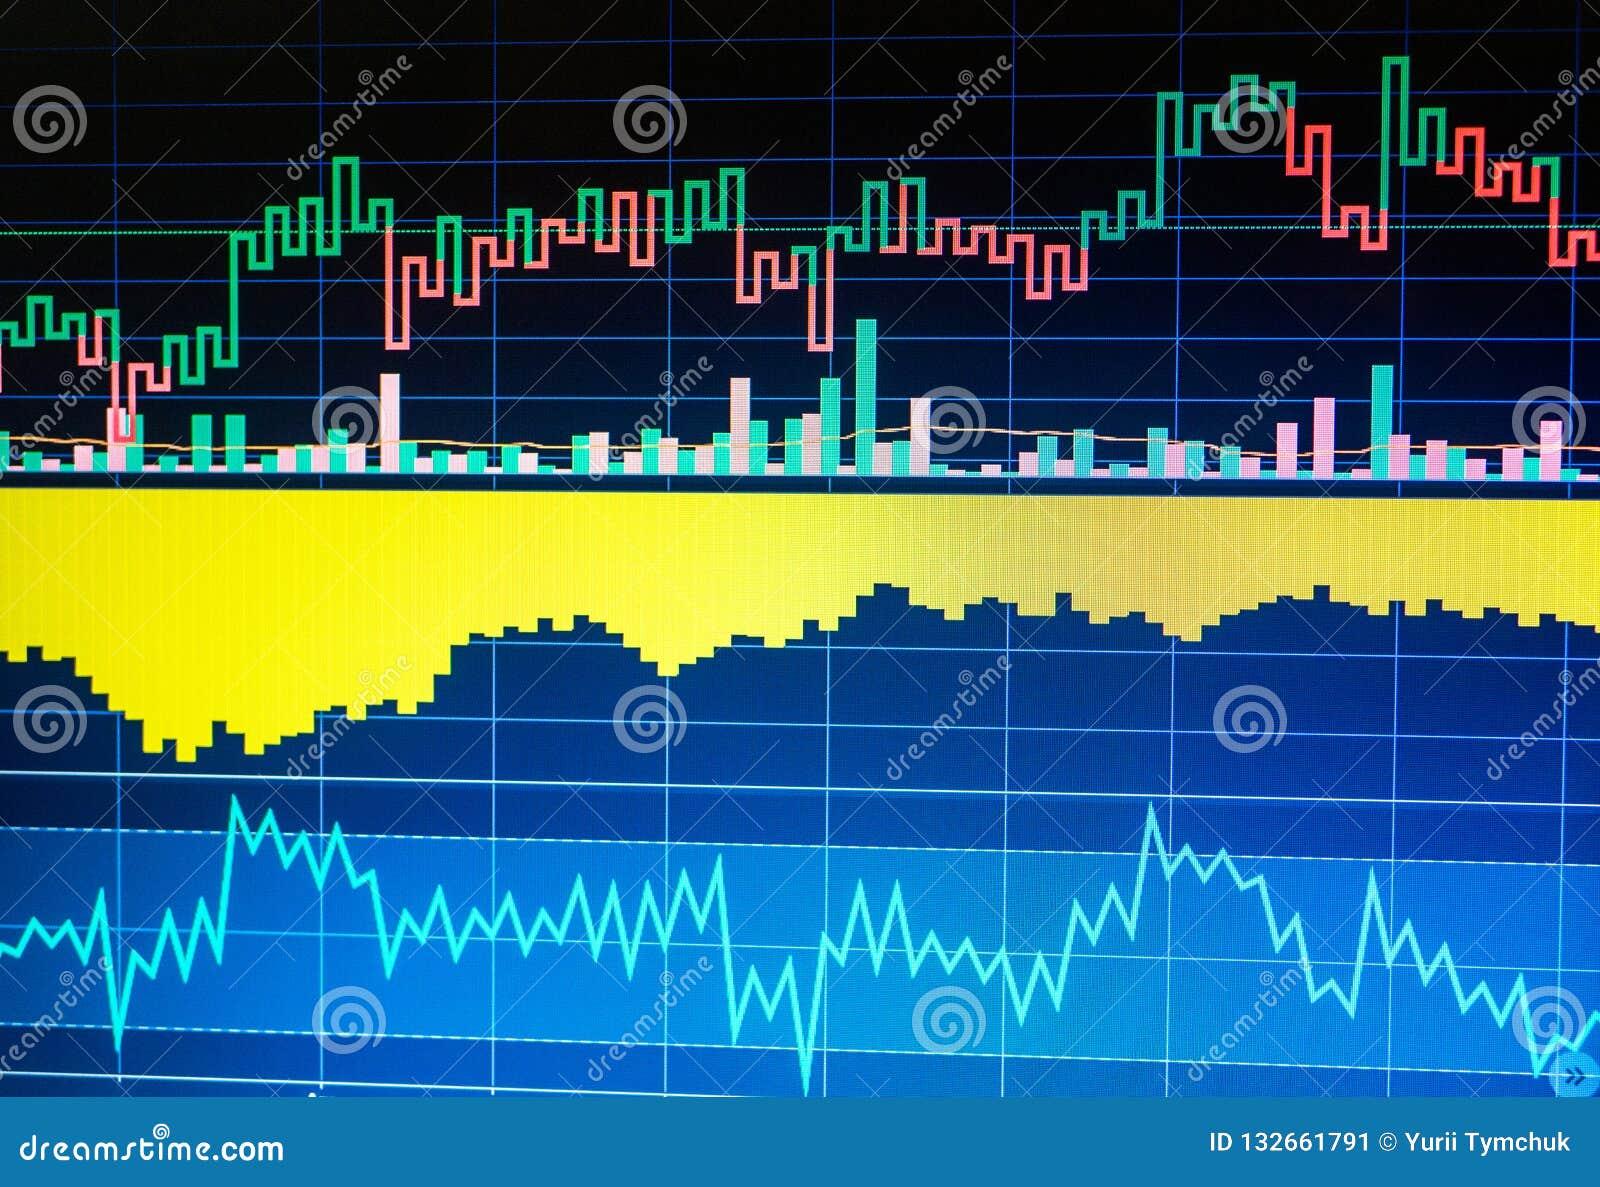 Γραφική παράσταση παγκόσμιων οικονομικών Εννοιολογική άποψη της αγοράς ανταλλαγής ανάλυση τεχνική